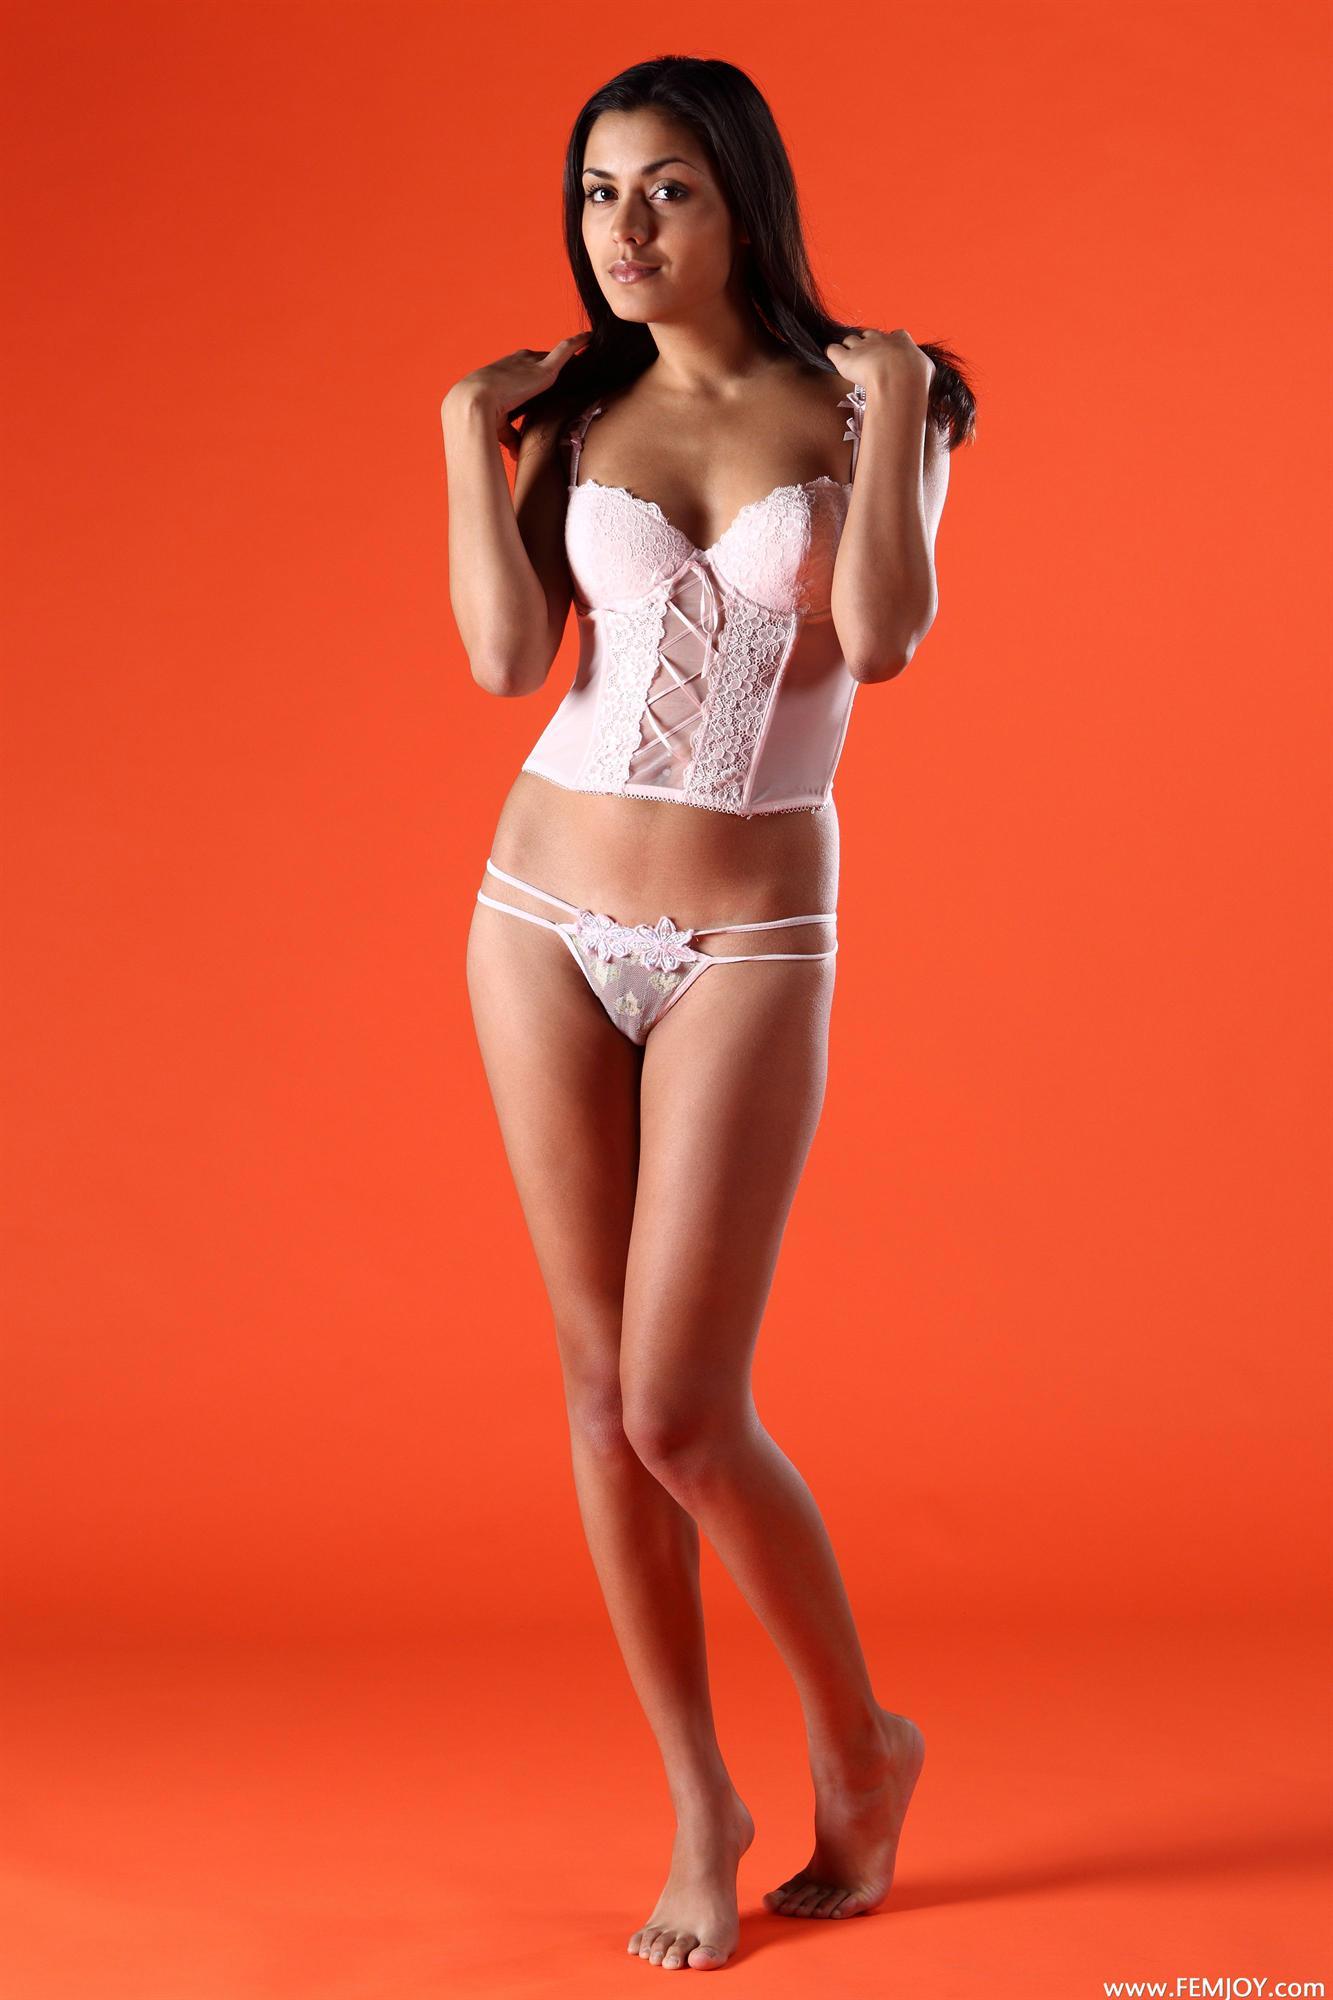 Stefania in lingerie